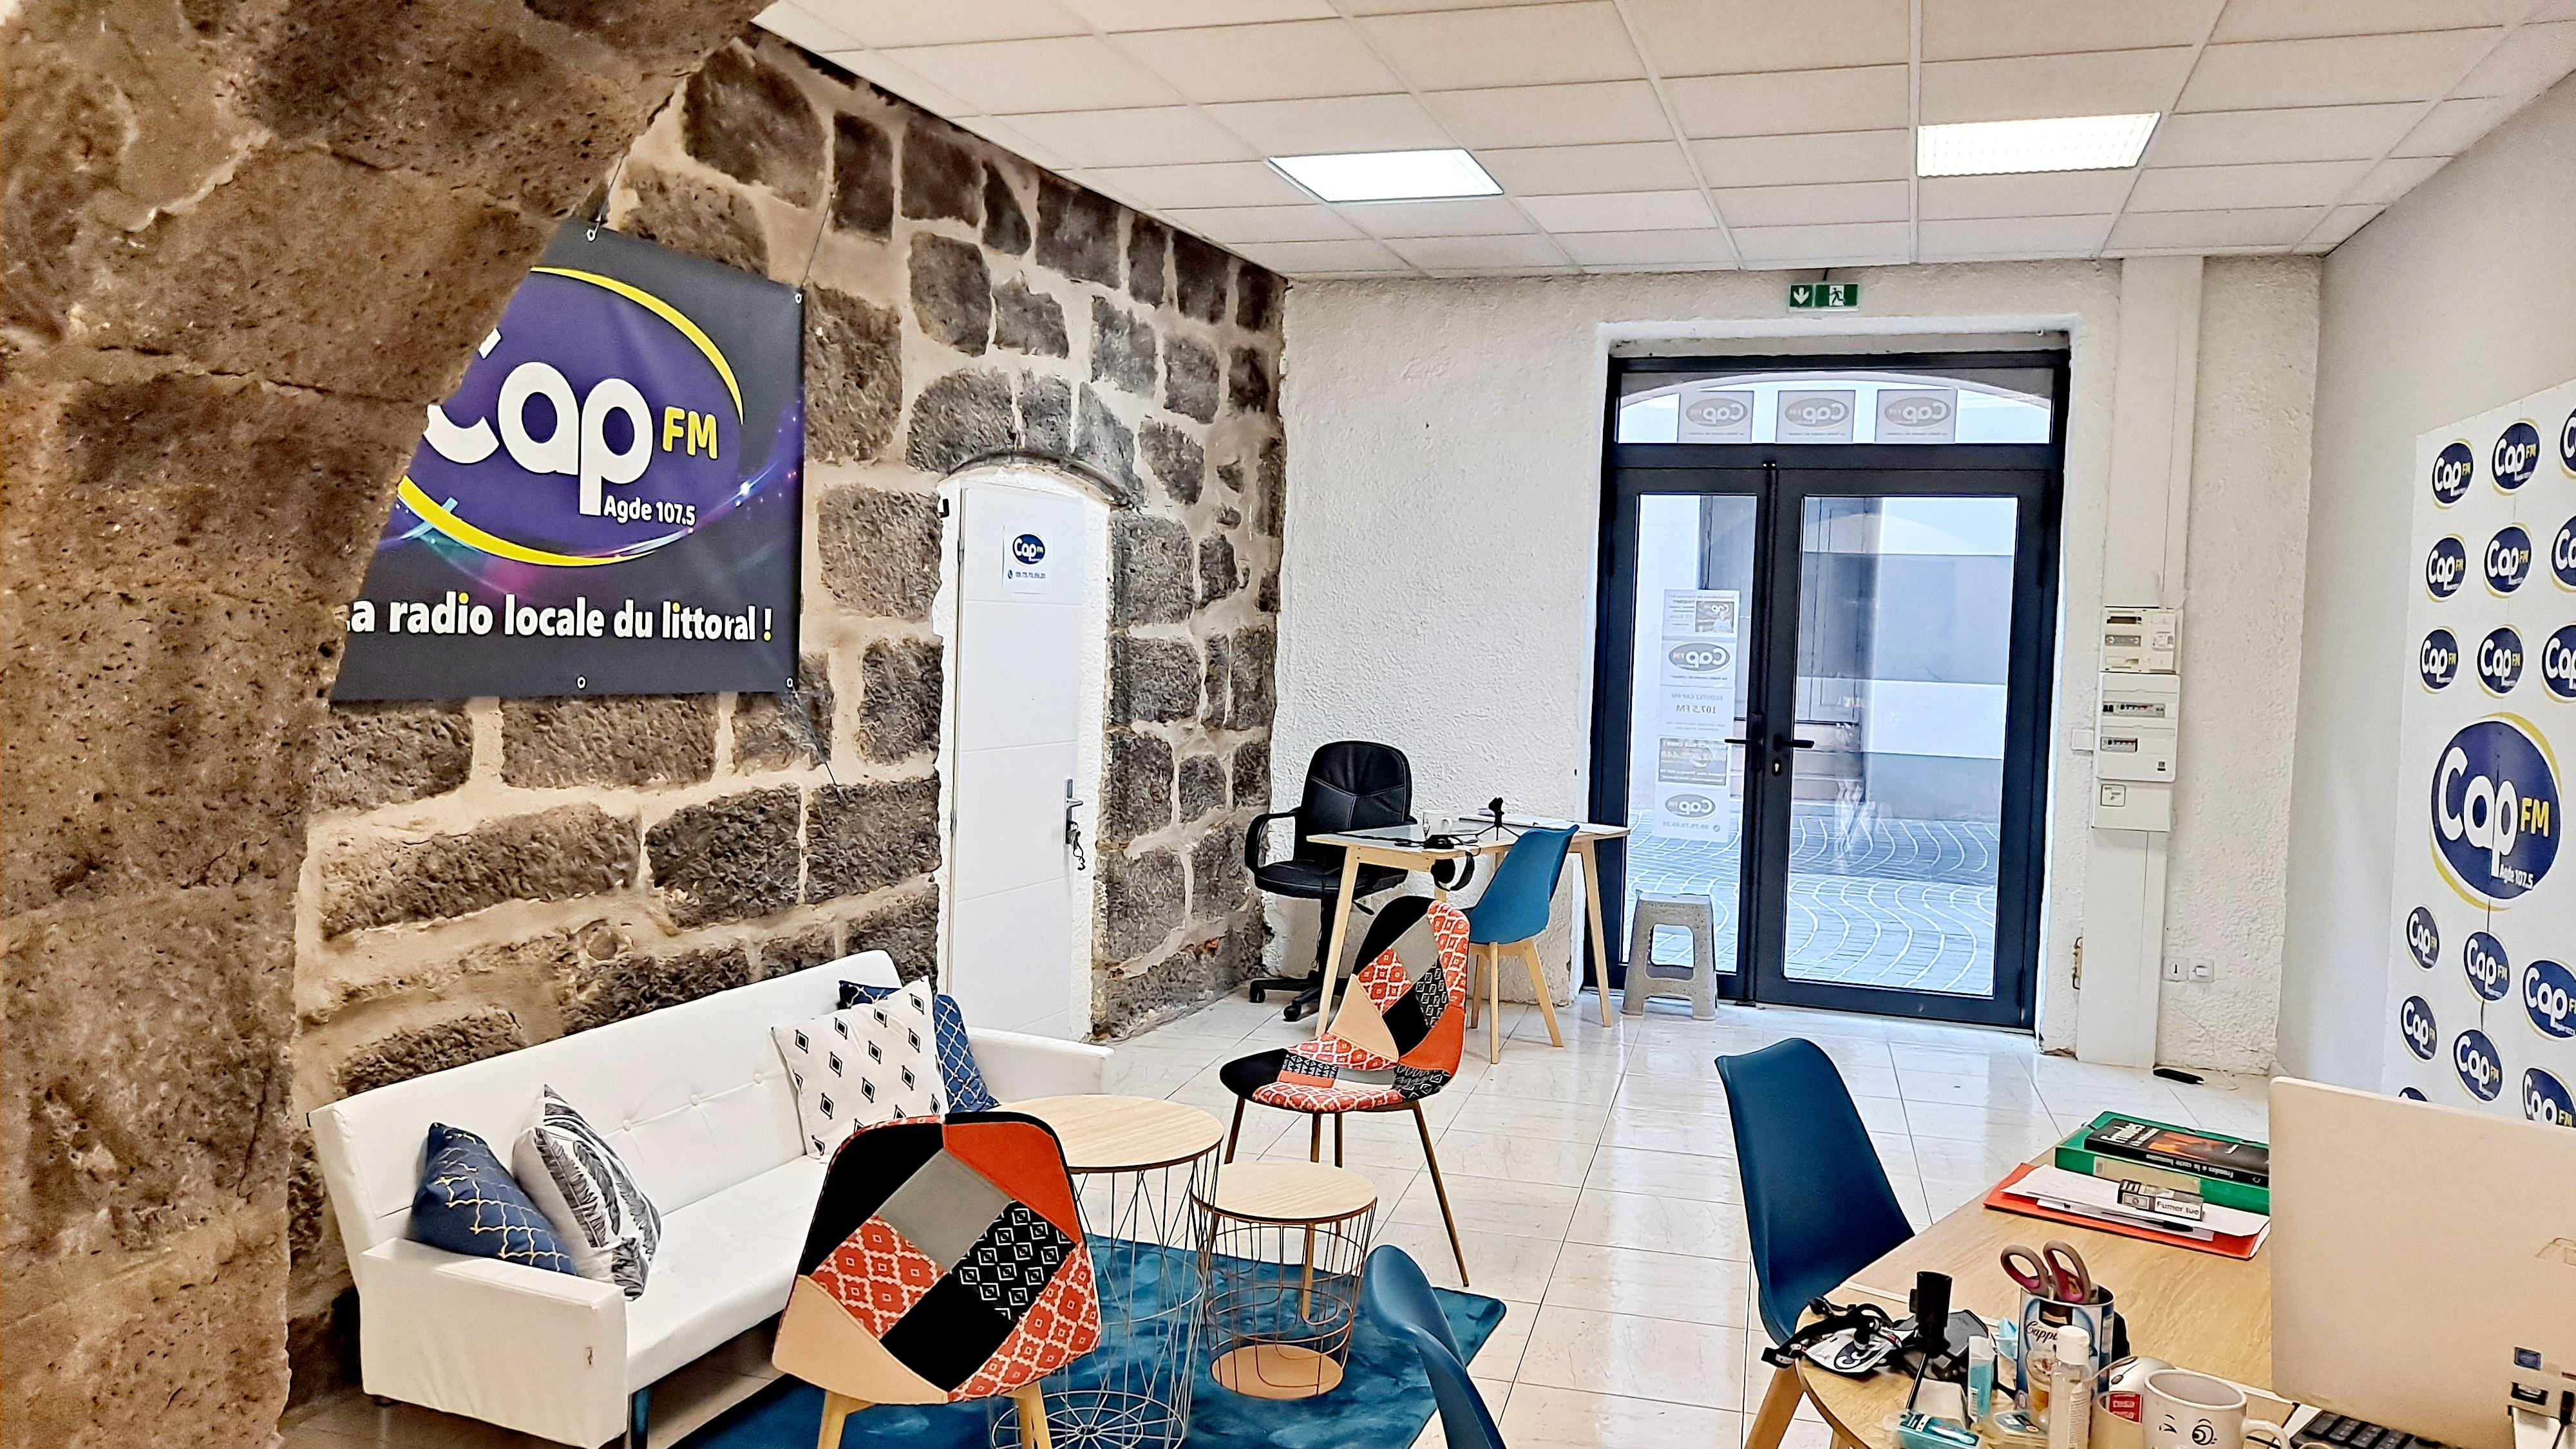 Les locaux de CAP FM au centre du vieil Agde